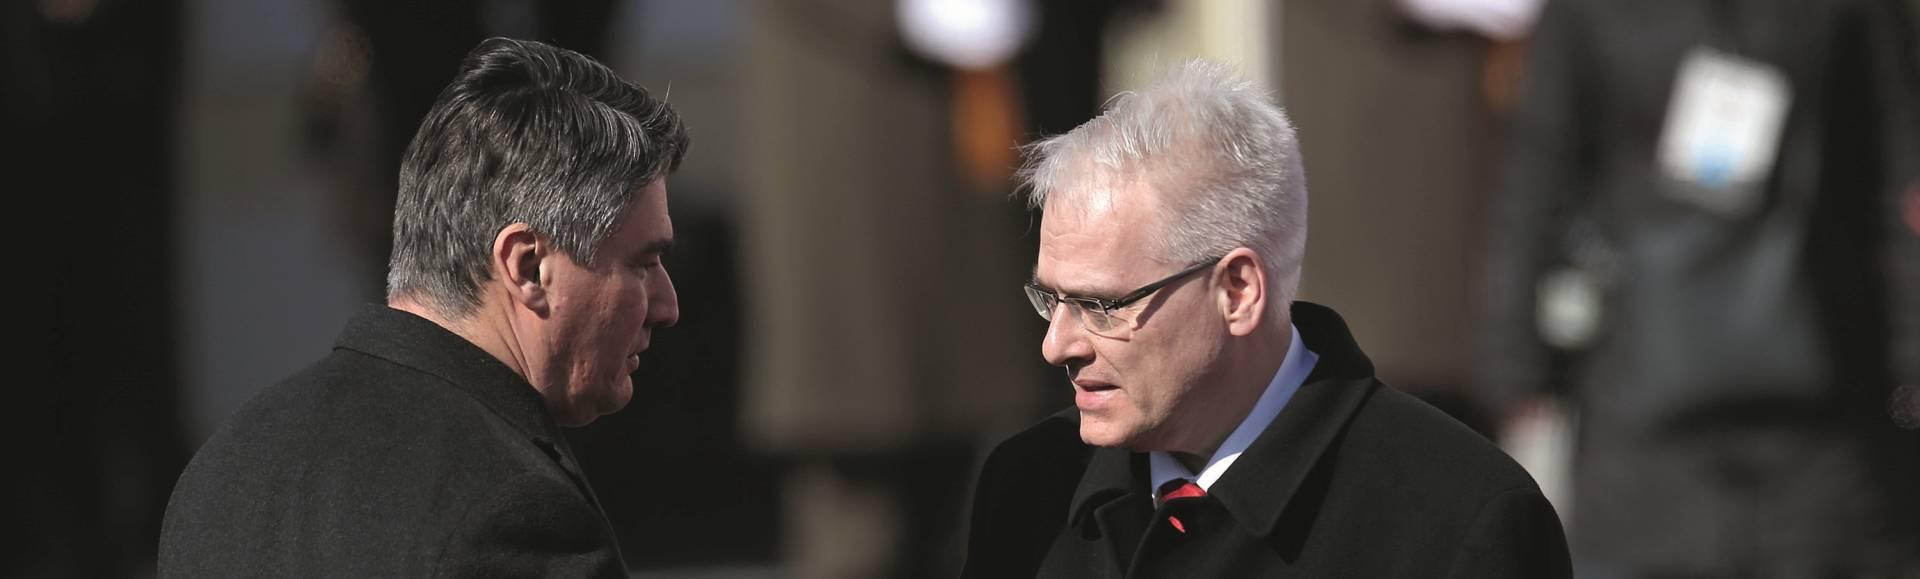 PREGOVORI O NASTAVKU POLITIČKE KARIJERE Rat ljevice za Josipovića